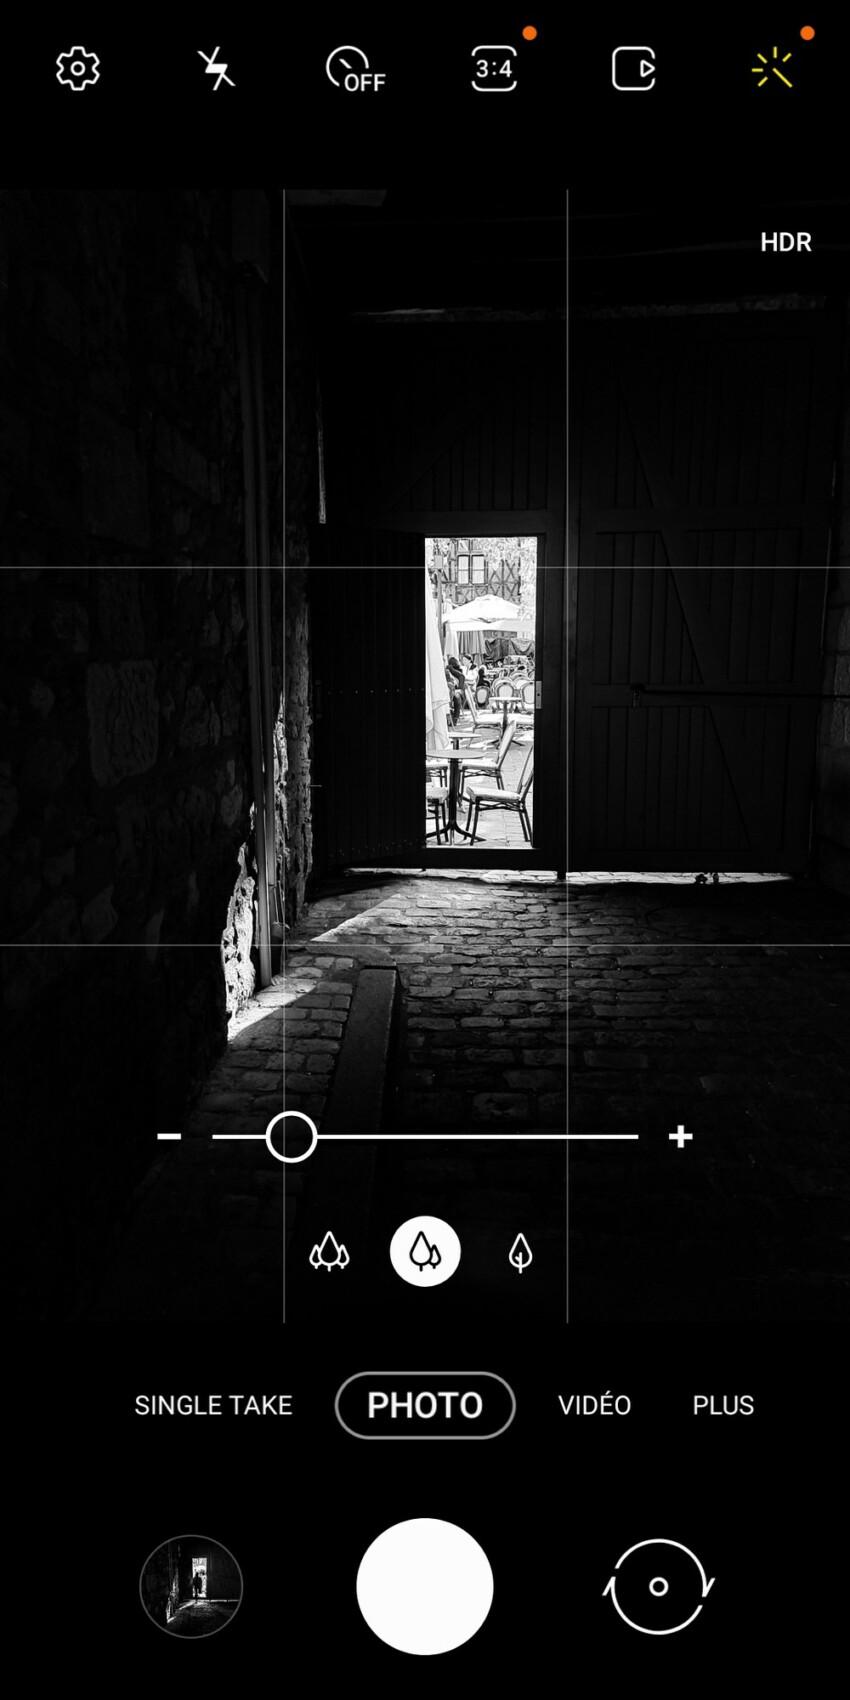 L'important ici est de bien sous-exposer la photo à la prise de vue afin d'obtenir l'effet escompté. Surtout, n'hésitez pas à tendre vers du vrai noir ou du vrai plan!